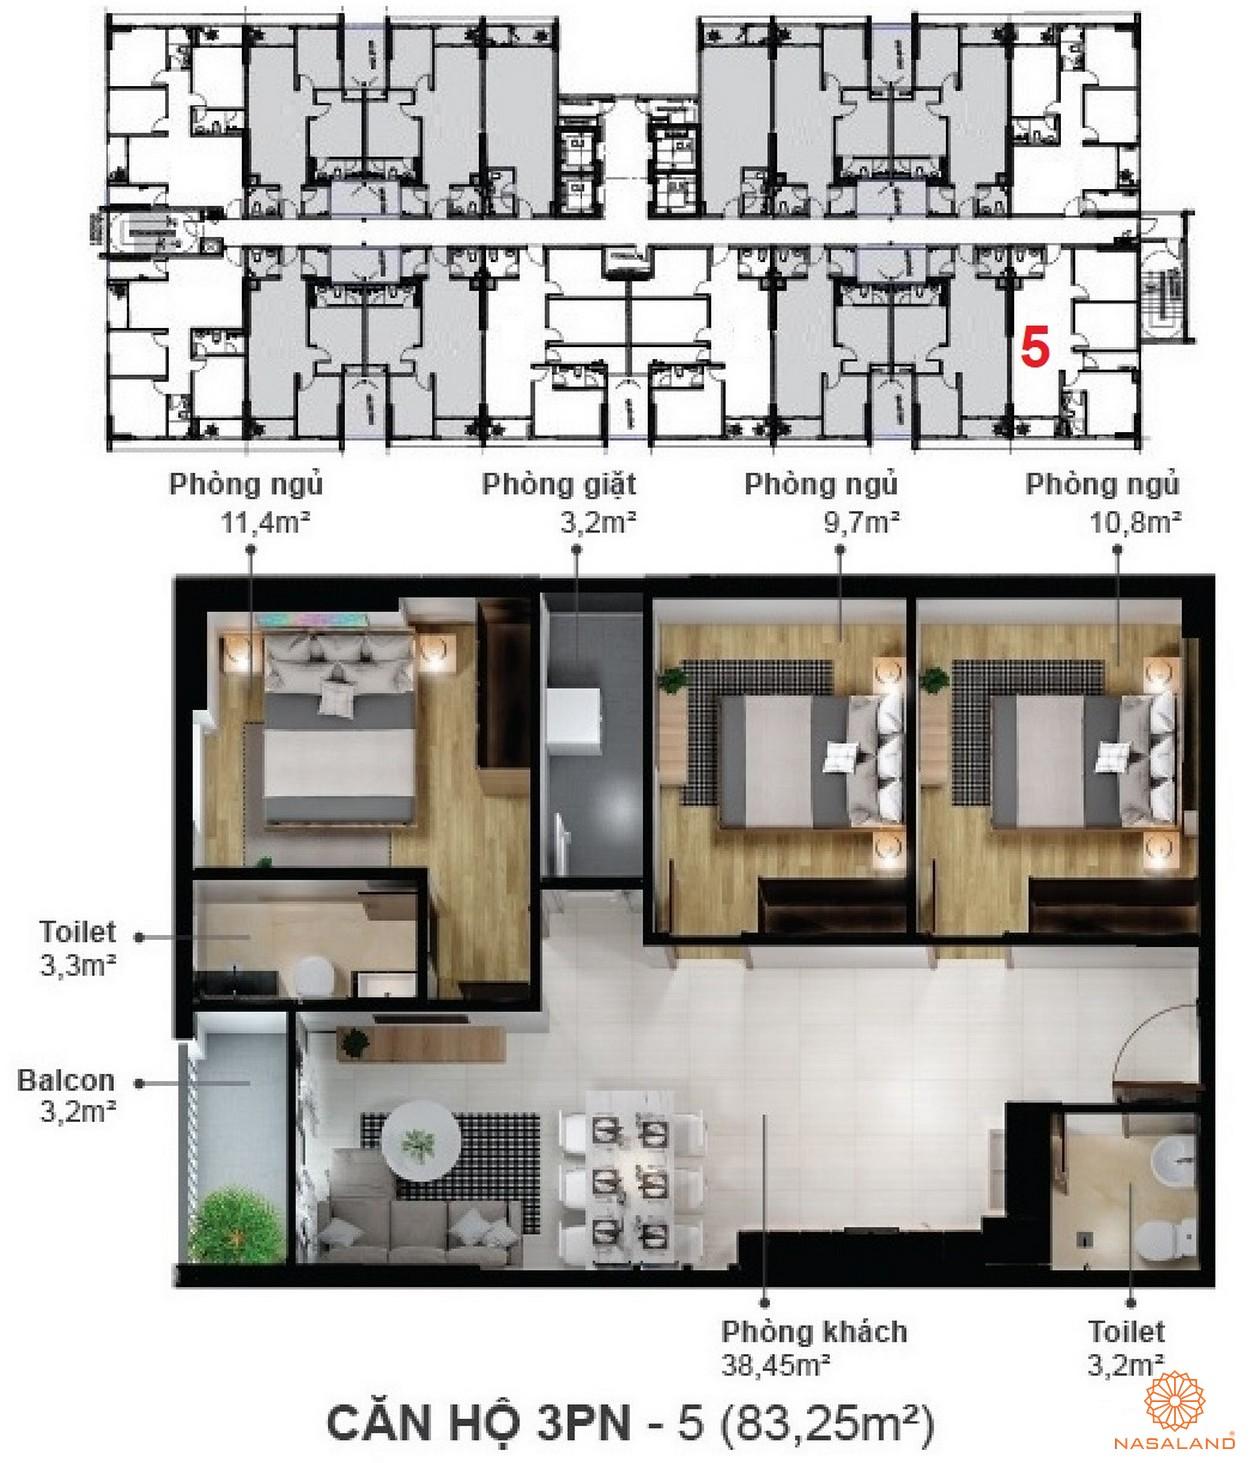 Mặt bằng dự án căn hộ Eco Xuân Sky Residences Bình Dương - 3 phòng ngủ